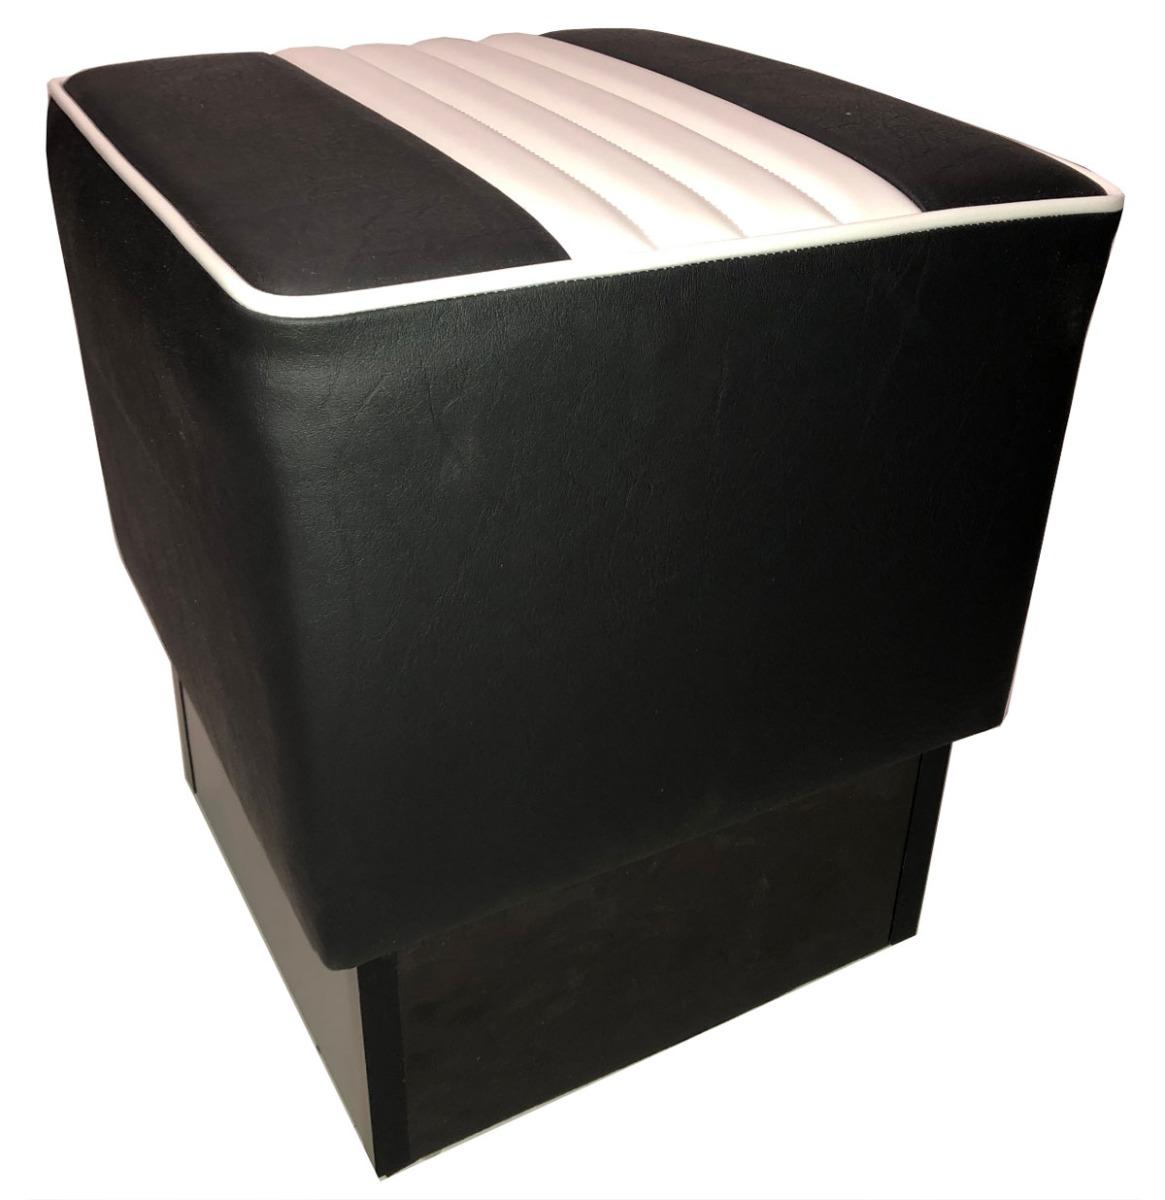 Checkers Poef - Zwart